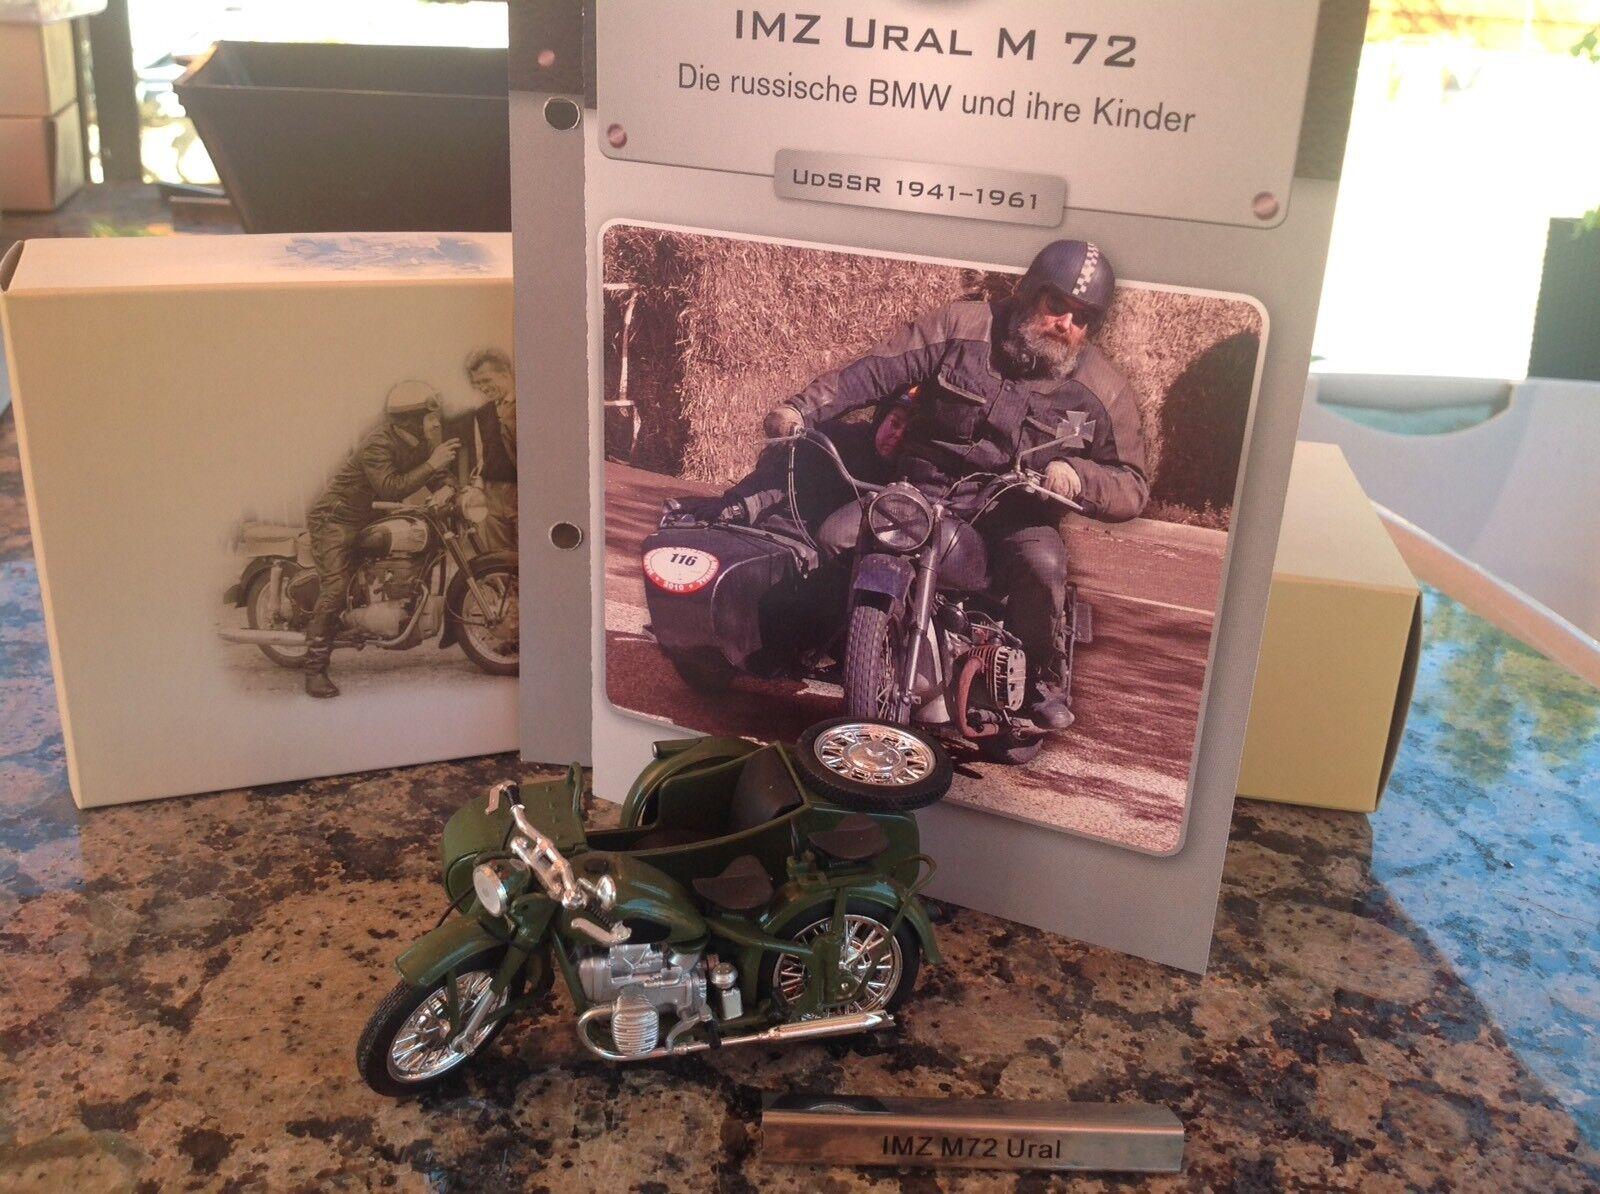 IMZ M72 Ural Motorrad Beiwagen grün DDR 1:24 ATLAS 7168121 NEU OVP LA2 µ  *